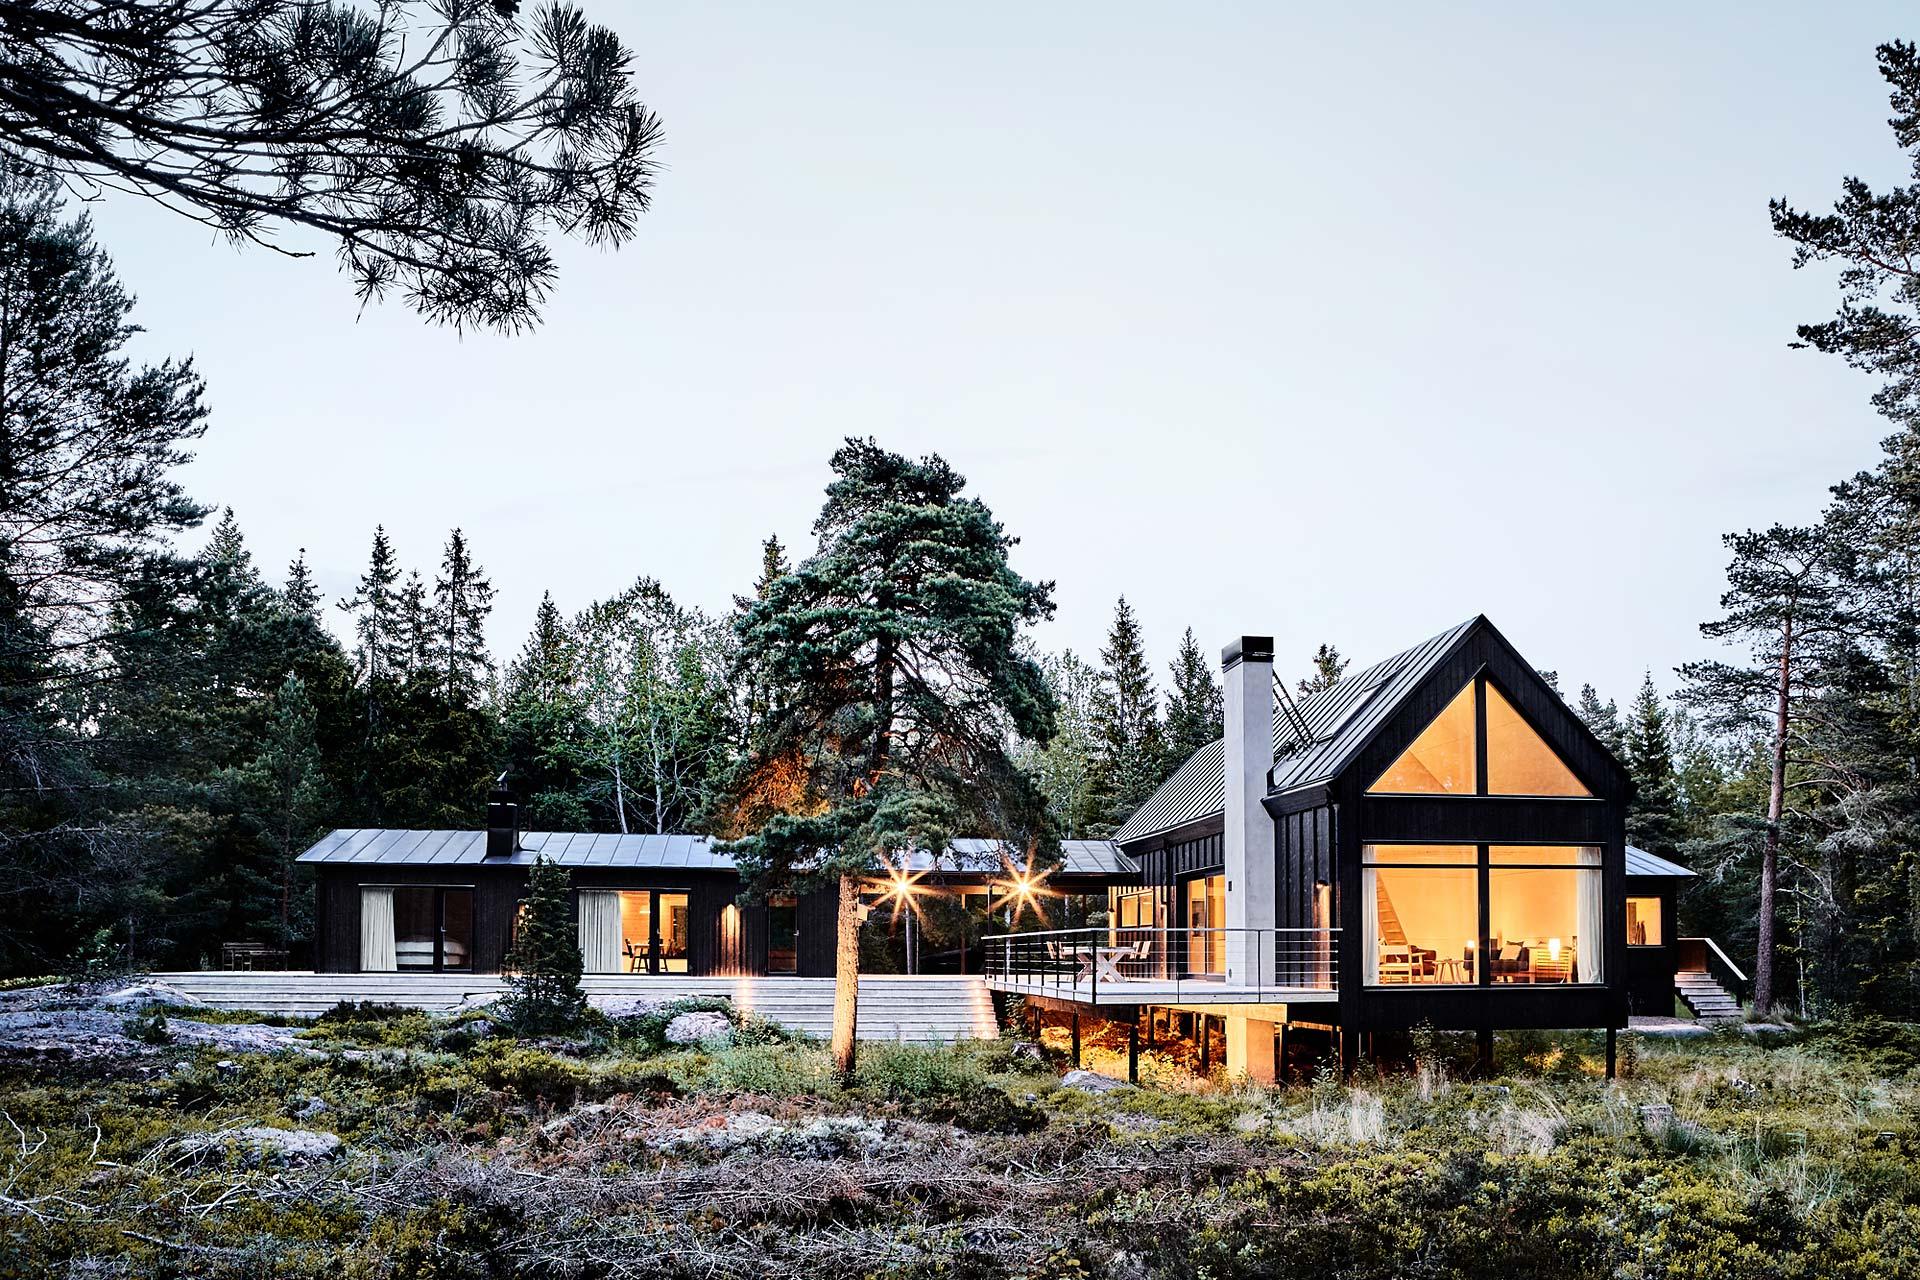 stockholm-summer-house-1.jpg